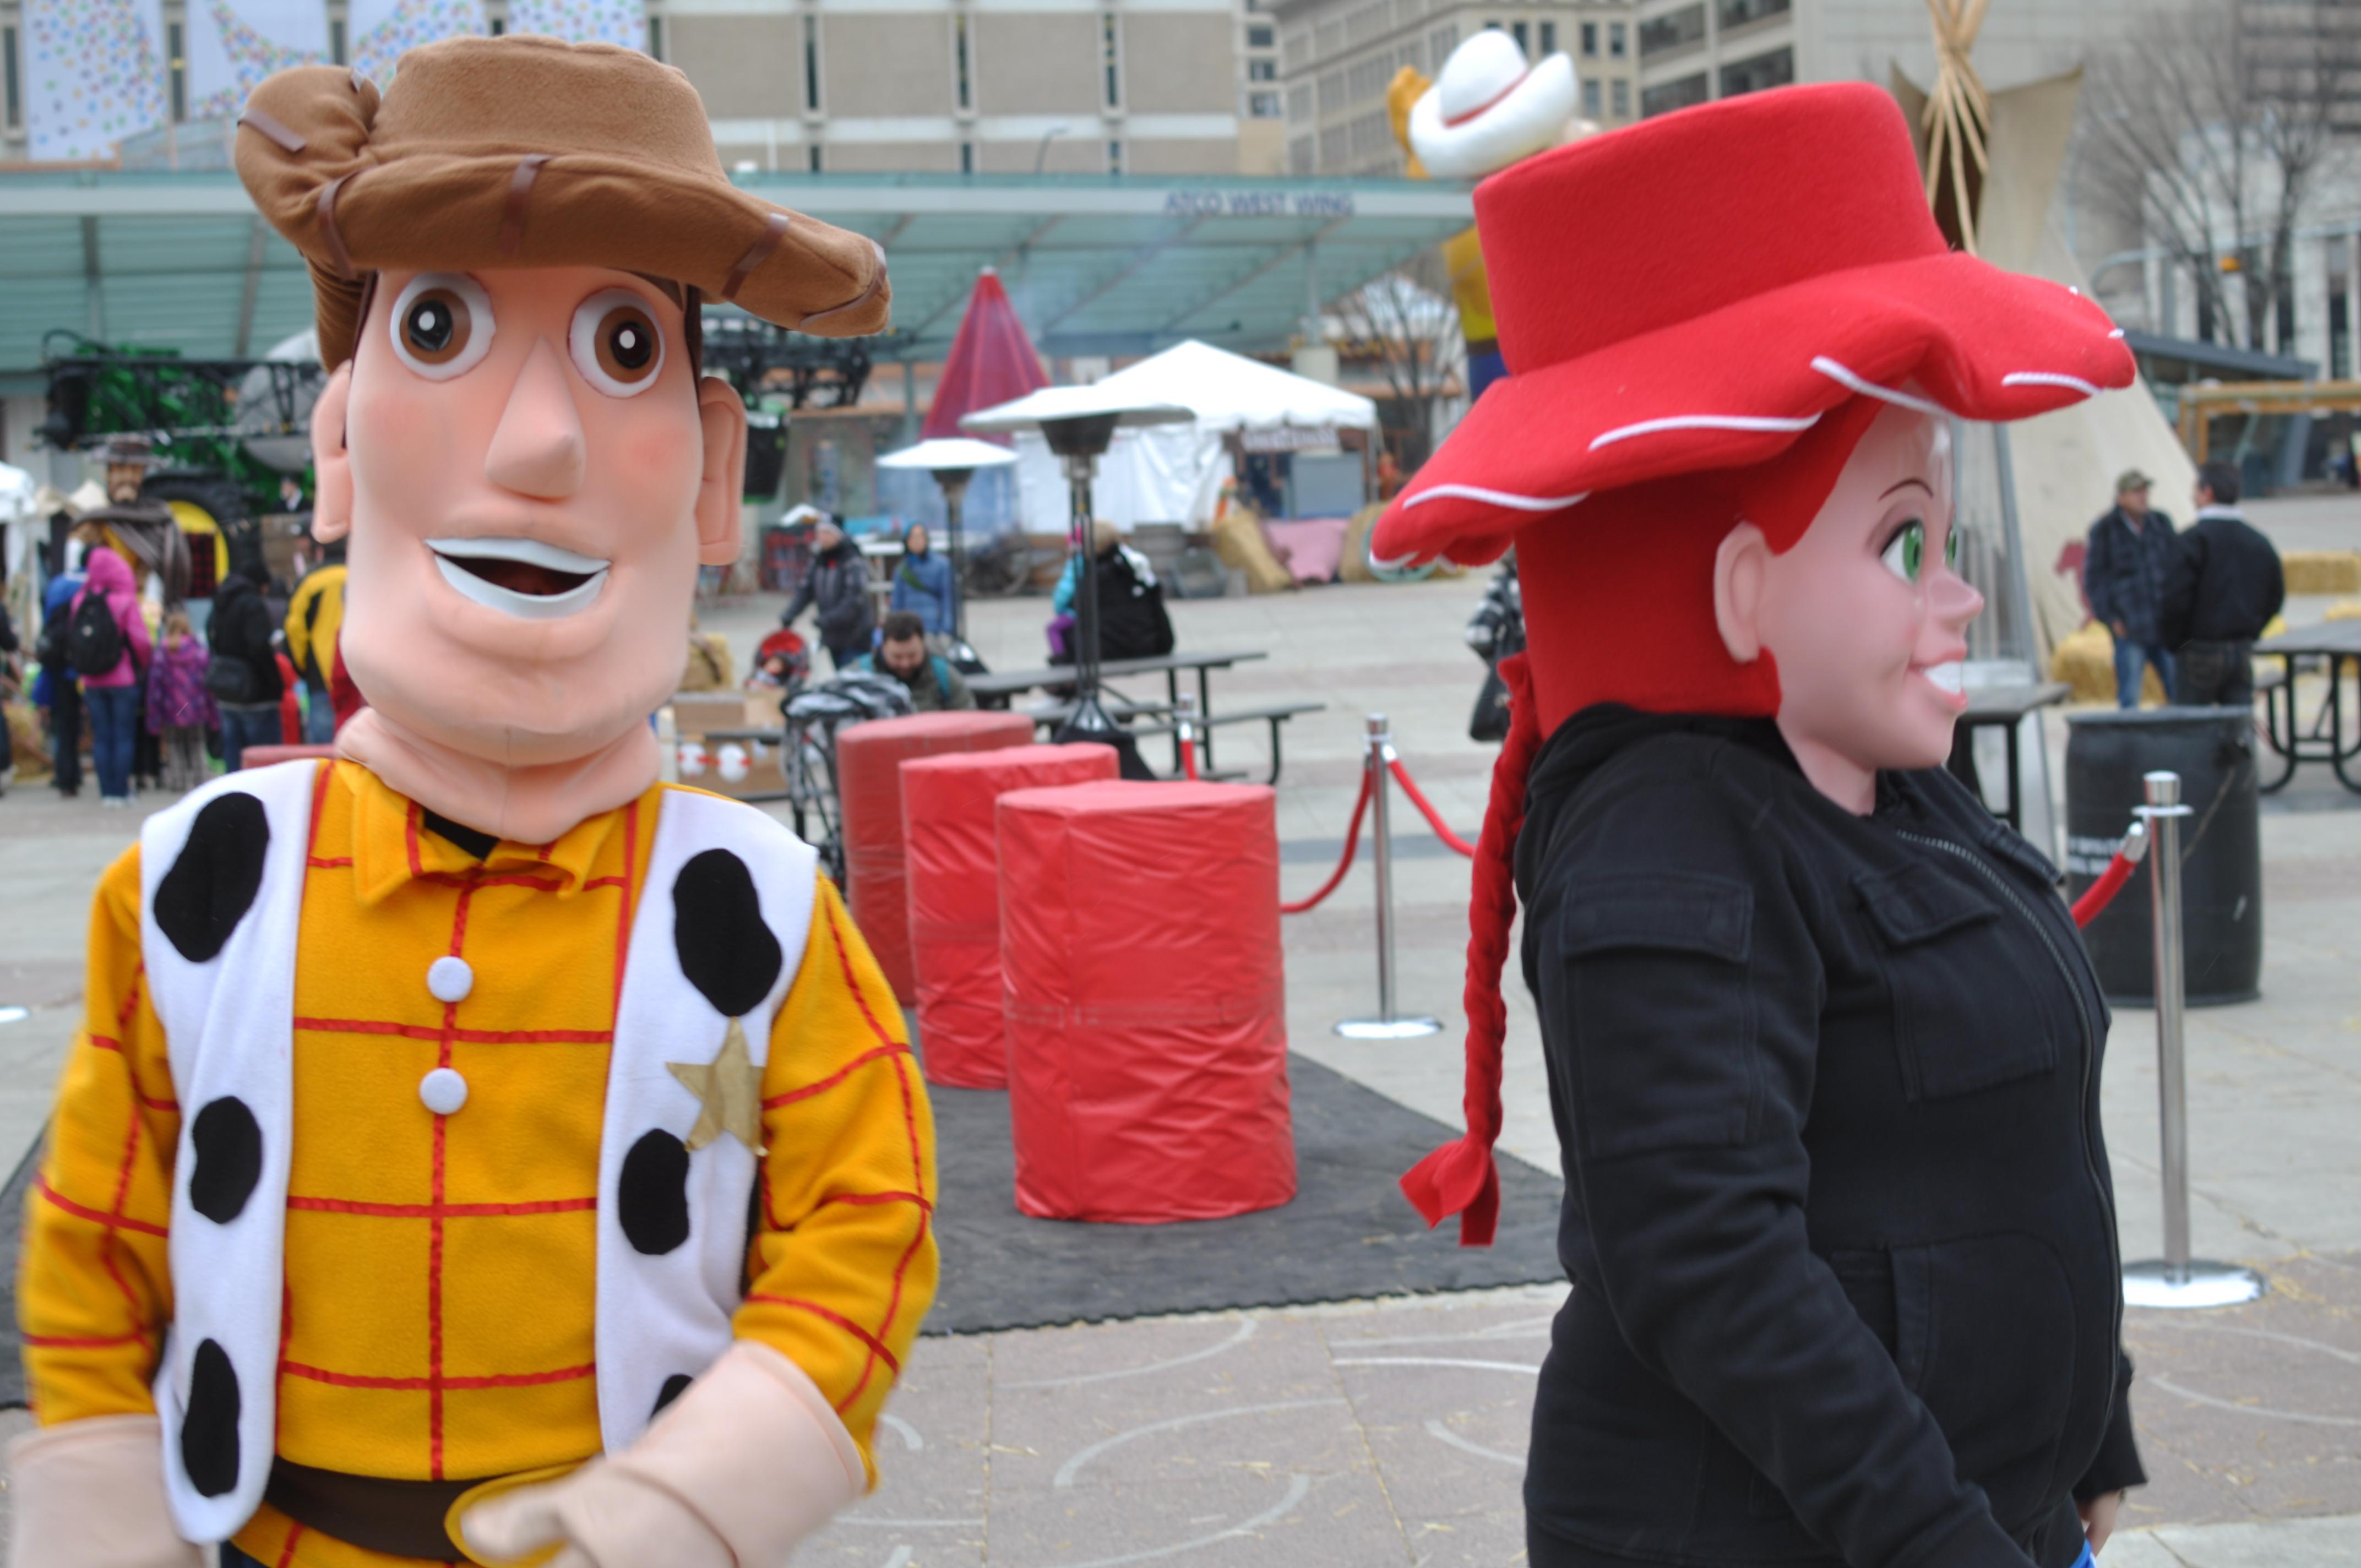 Mascots at RCR